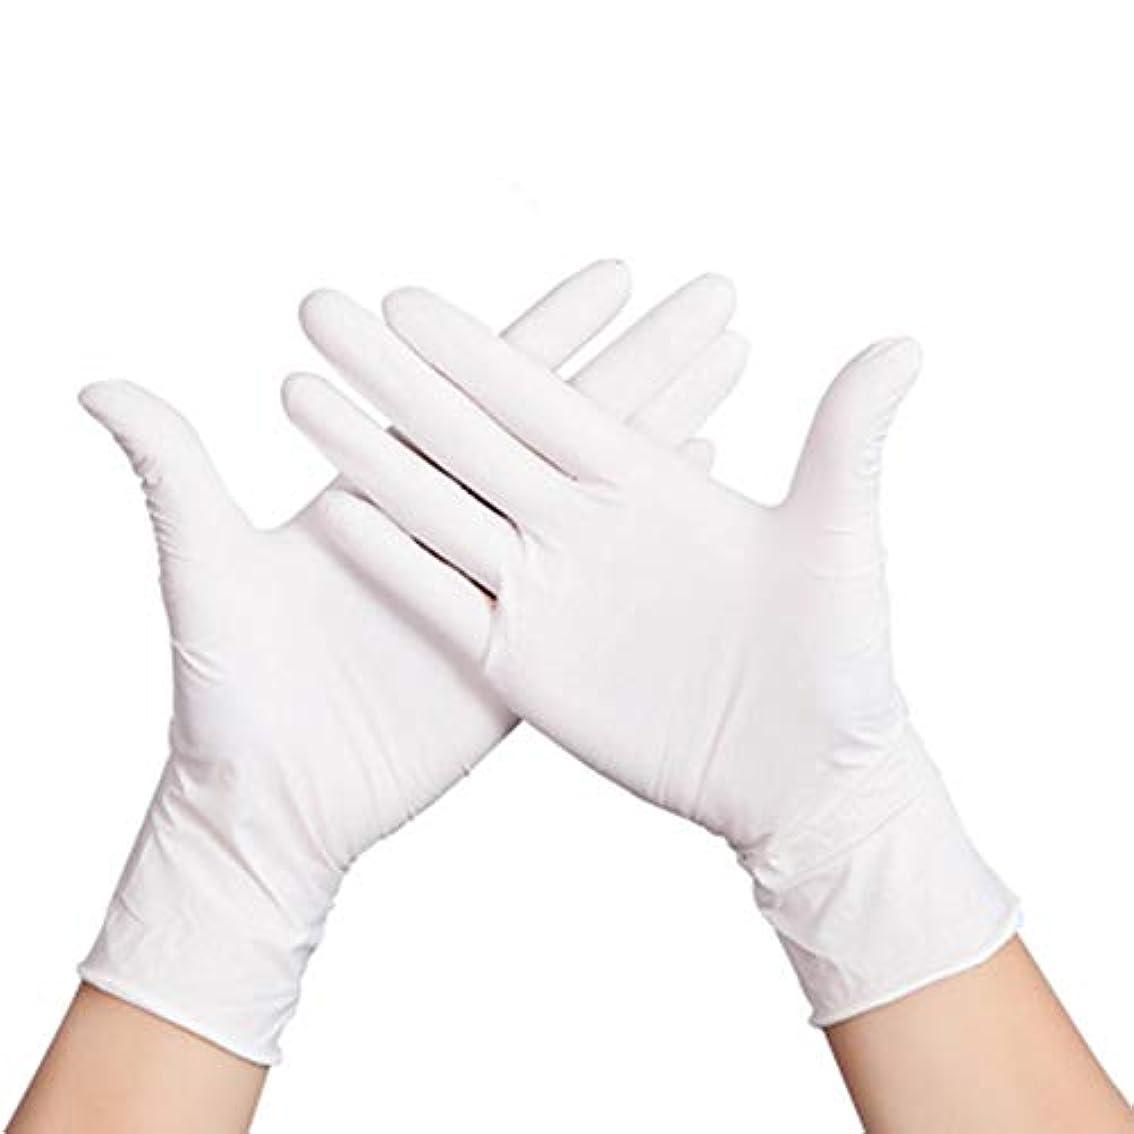 実装する服を洗う彼らは使い捨て白手袋ニトリル手袋by 50ペア、食品、ケータリング、家事、仕事、入れ墨、保護、ゴム、ラテックス手袋、商業用